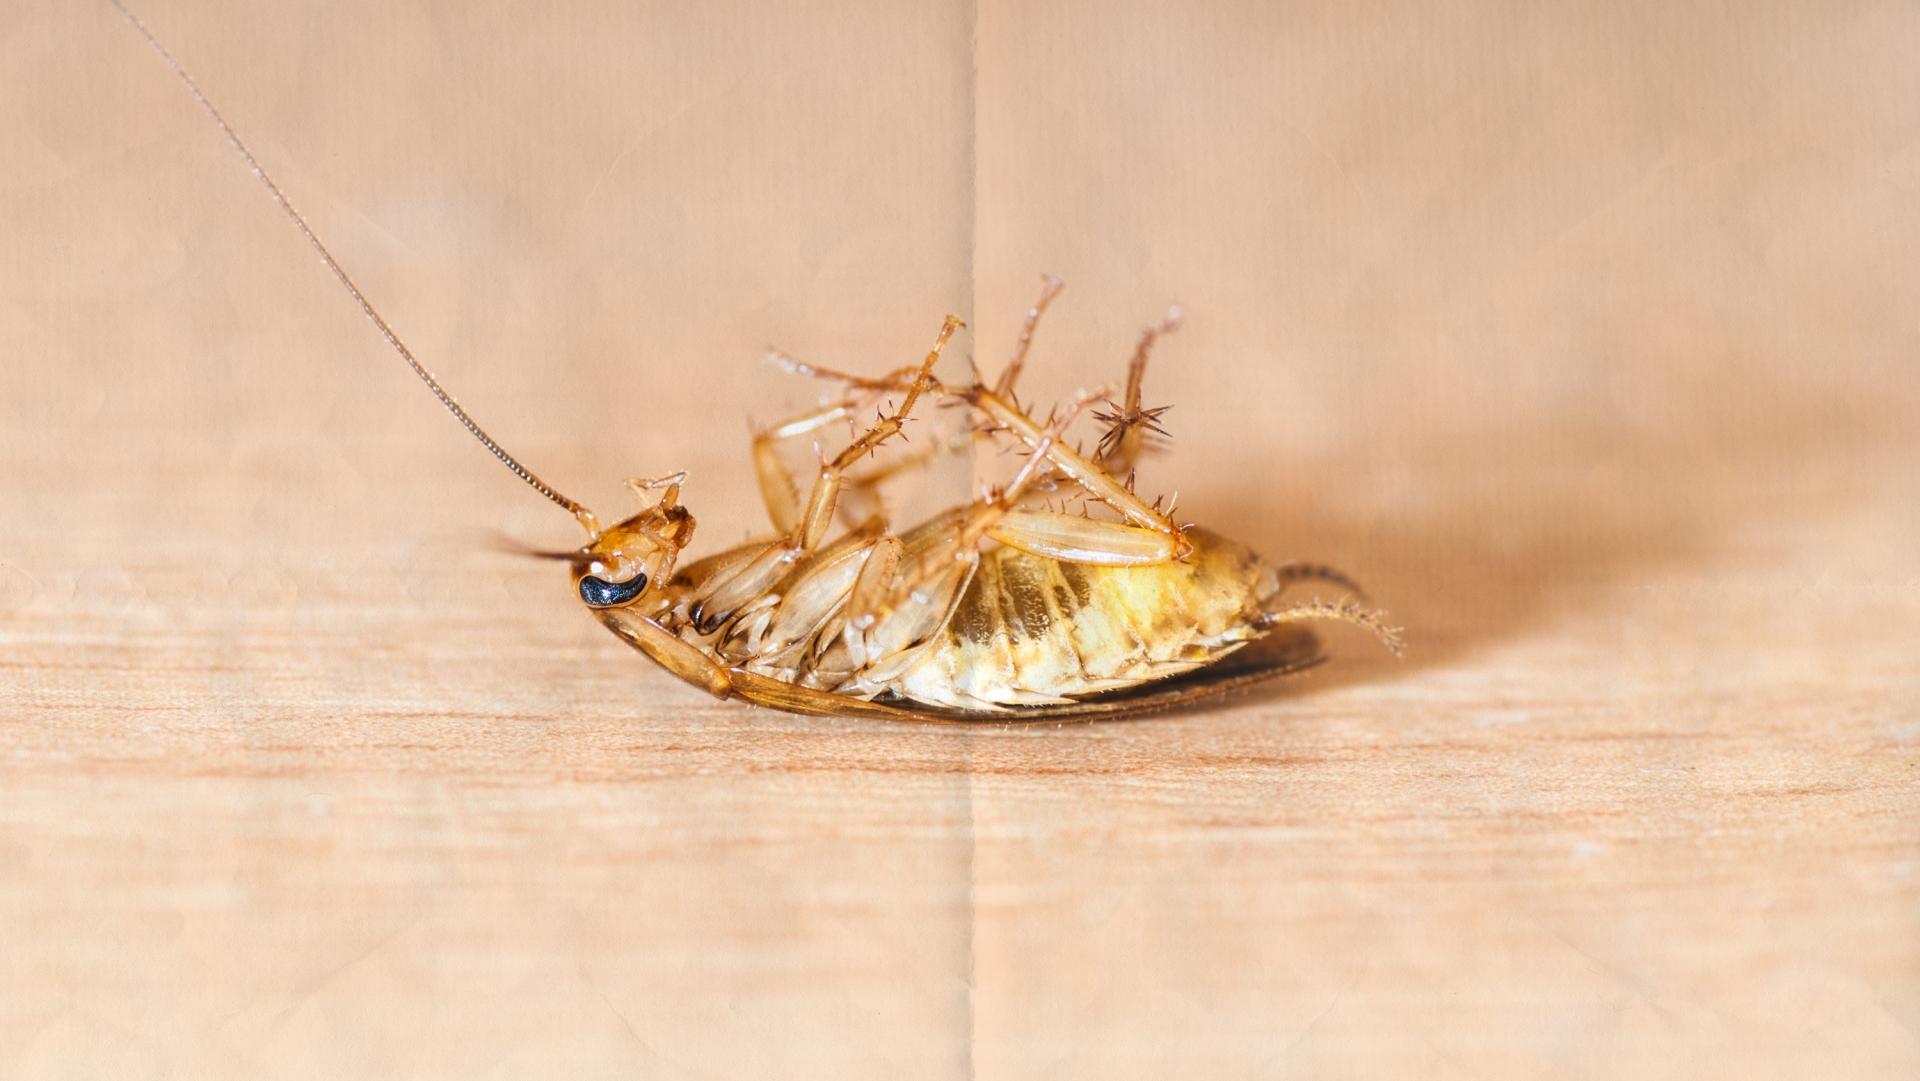 hvad kan myg ikke lide